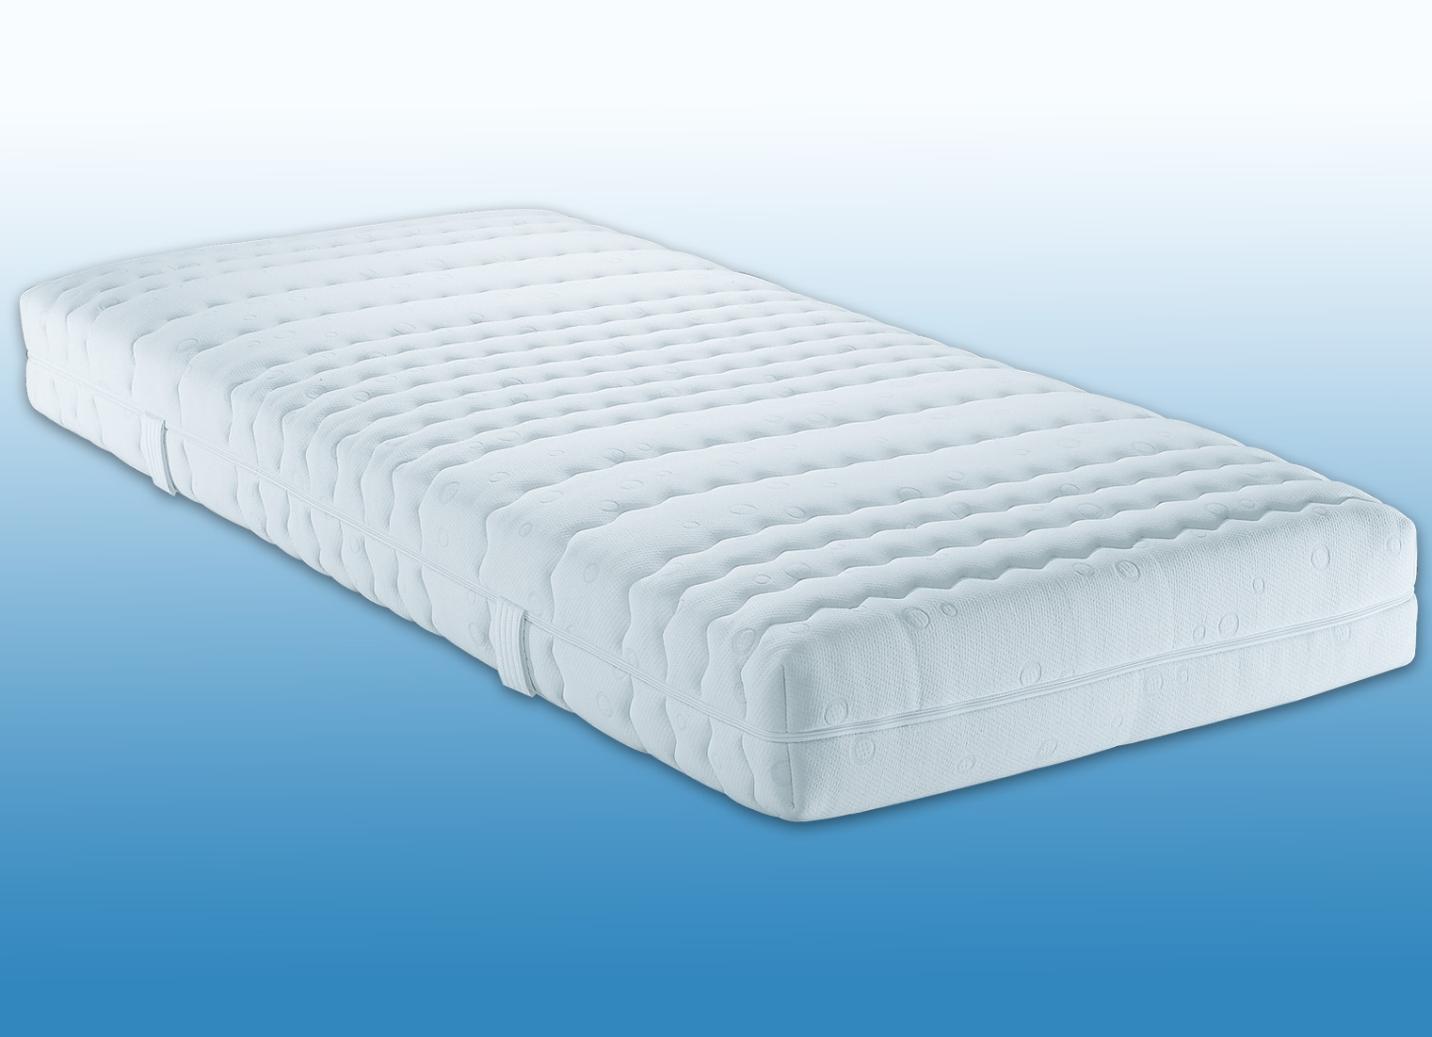 7 zonen kaltschaum matratzen 2er set matratzen bettrahmen bader. Black Bedroom Furniture Sets. Home Design Ideas